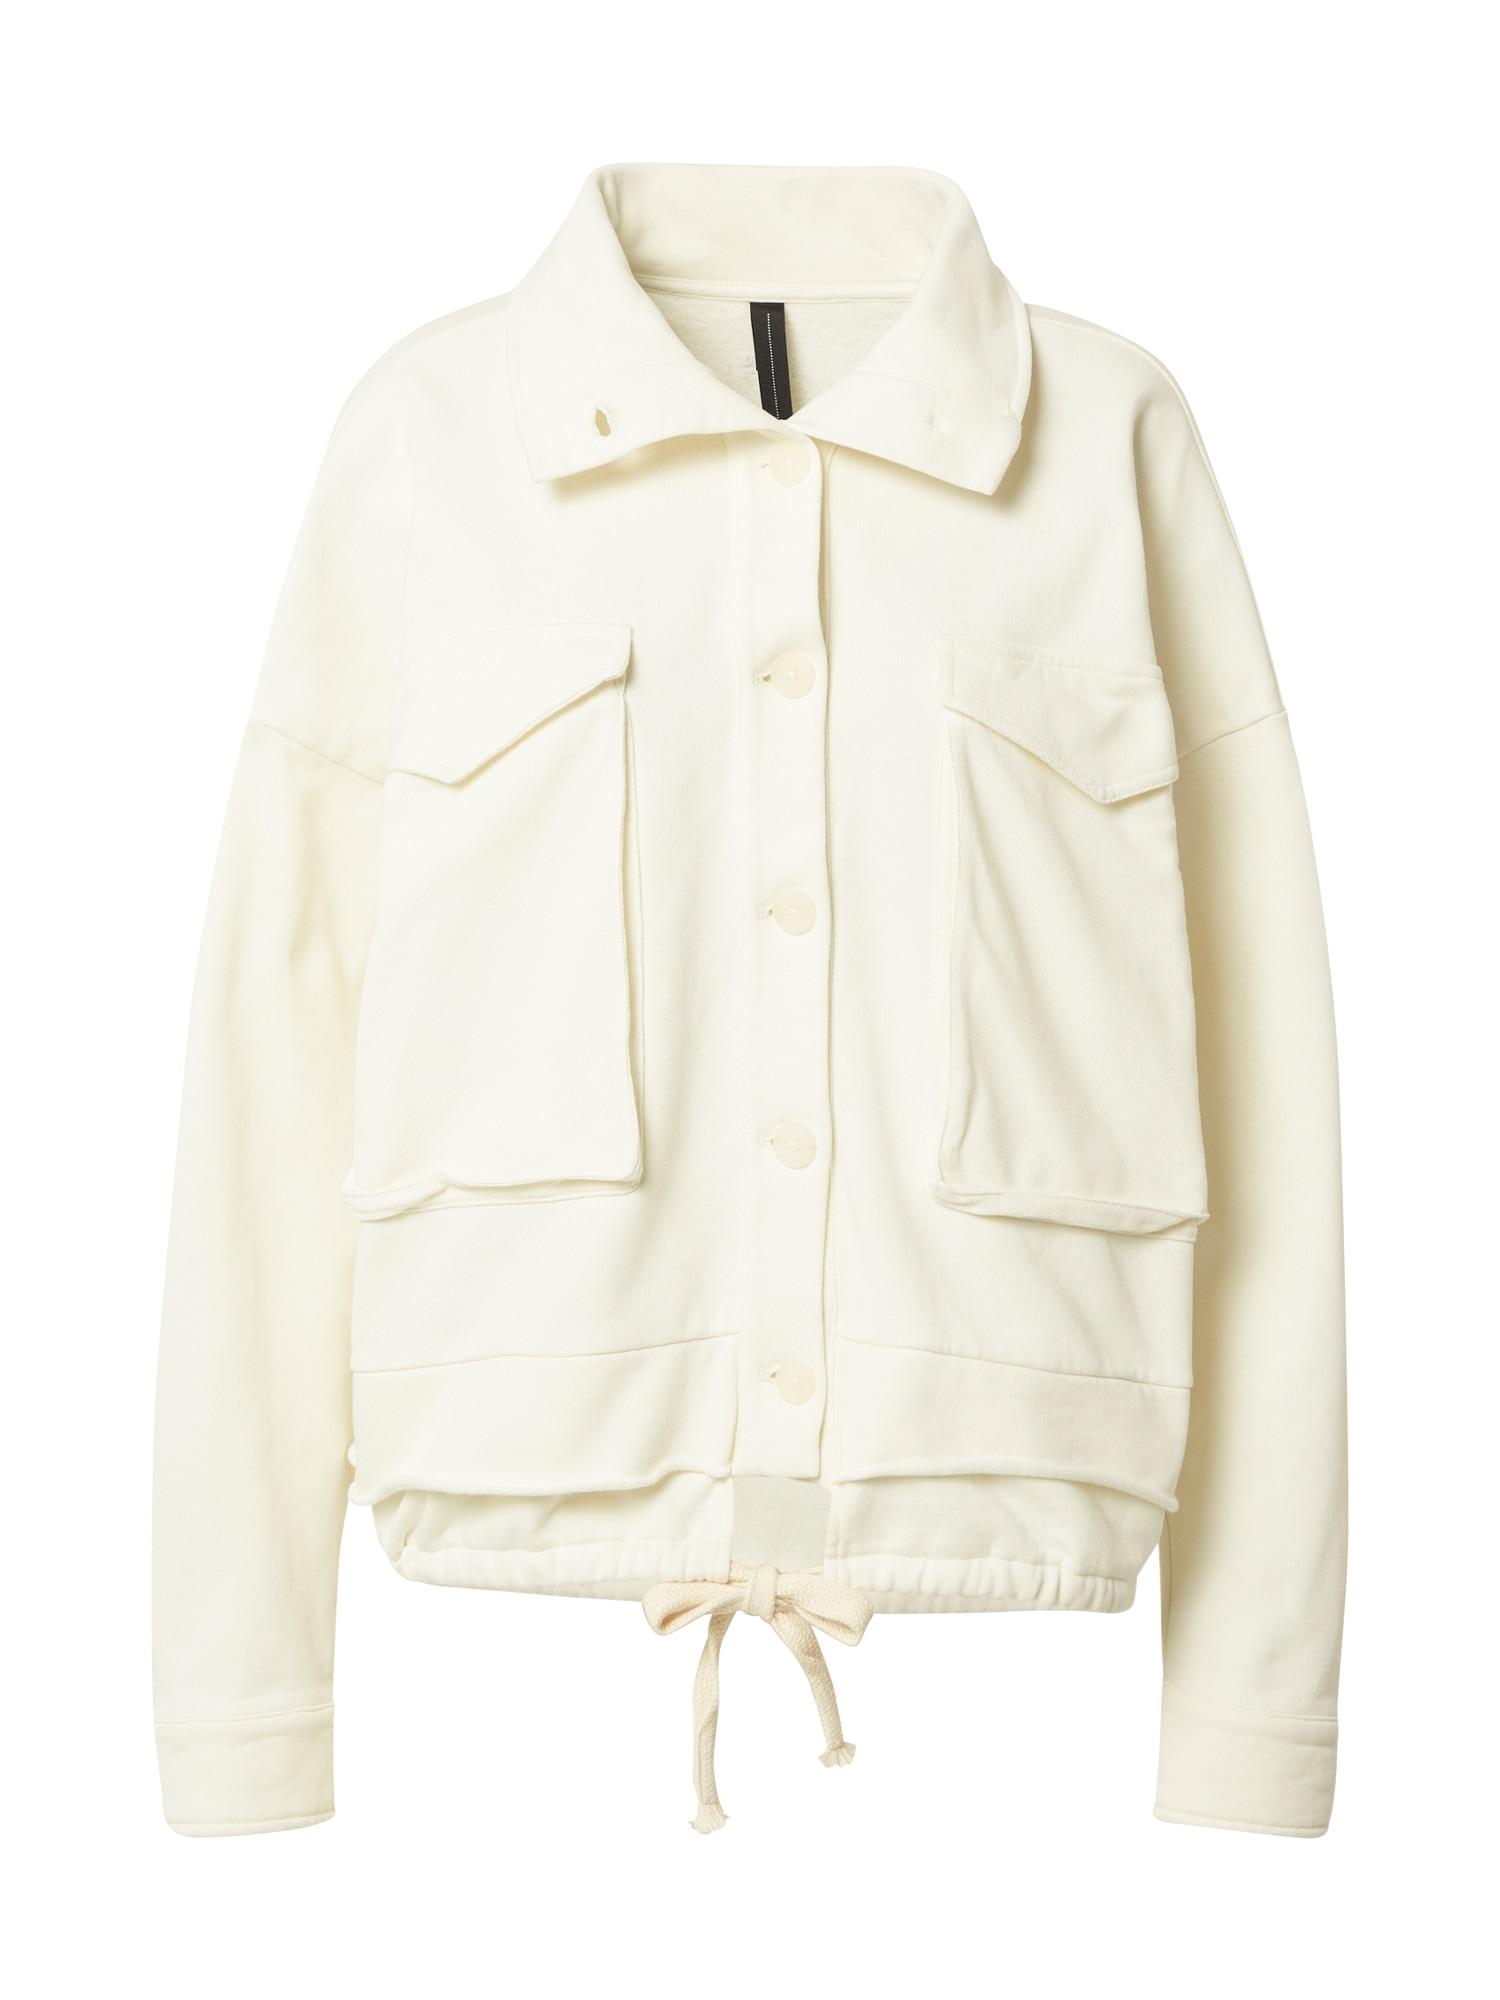 10Days Džemperis natūrali balta